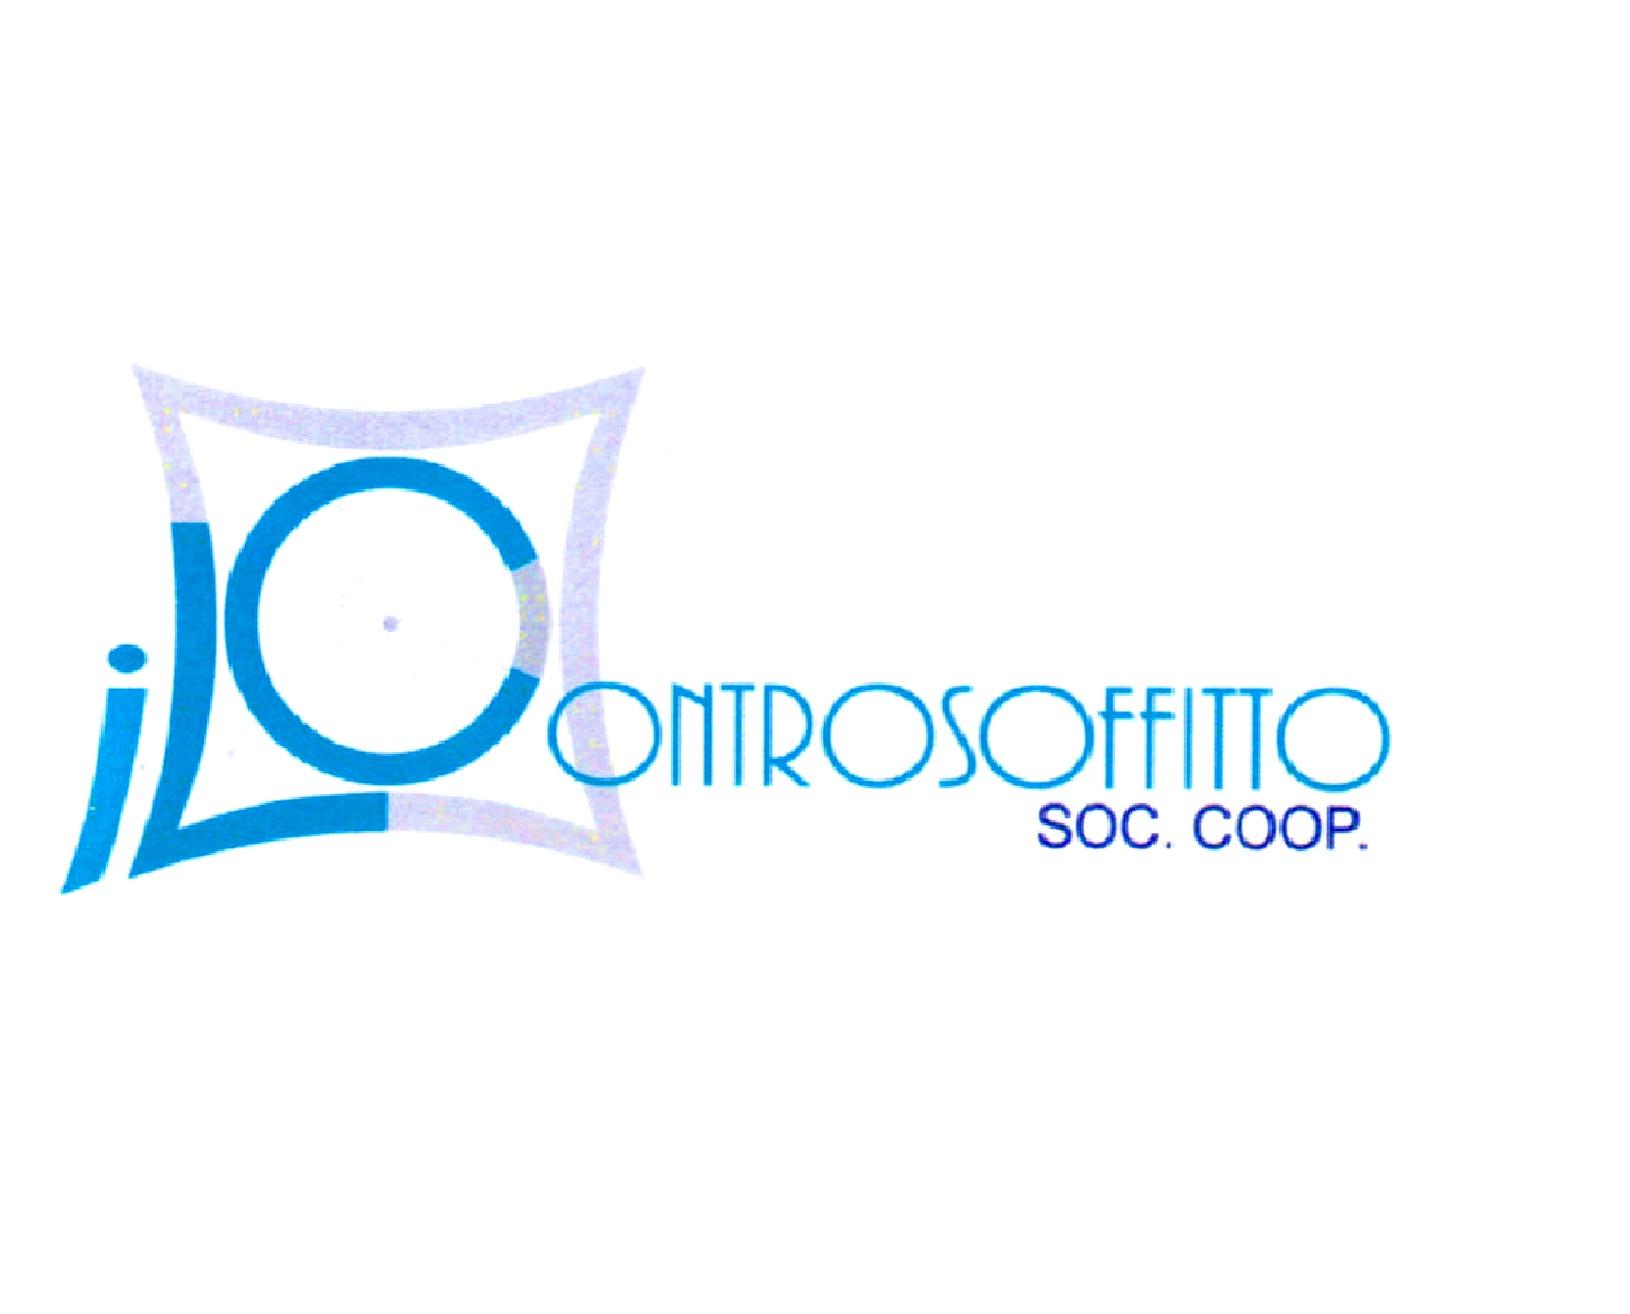 Il Controsoffitto Soc.coop.